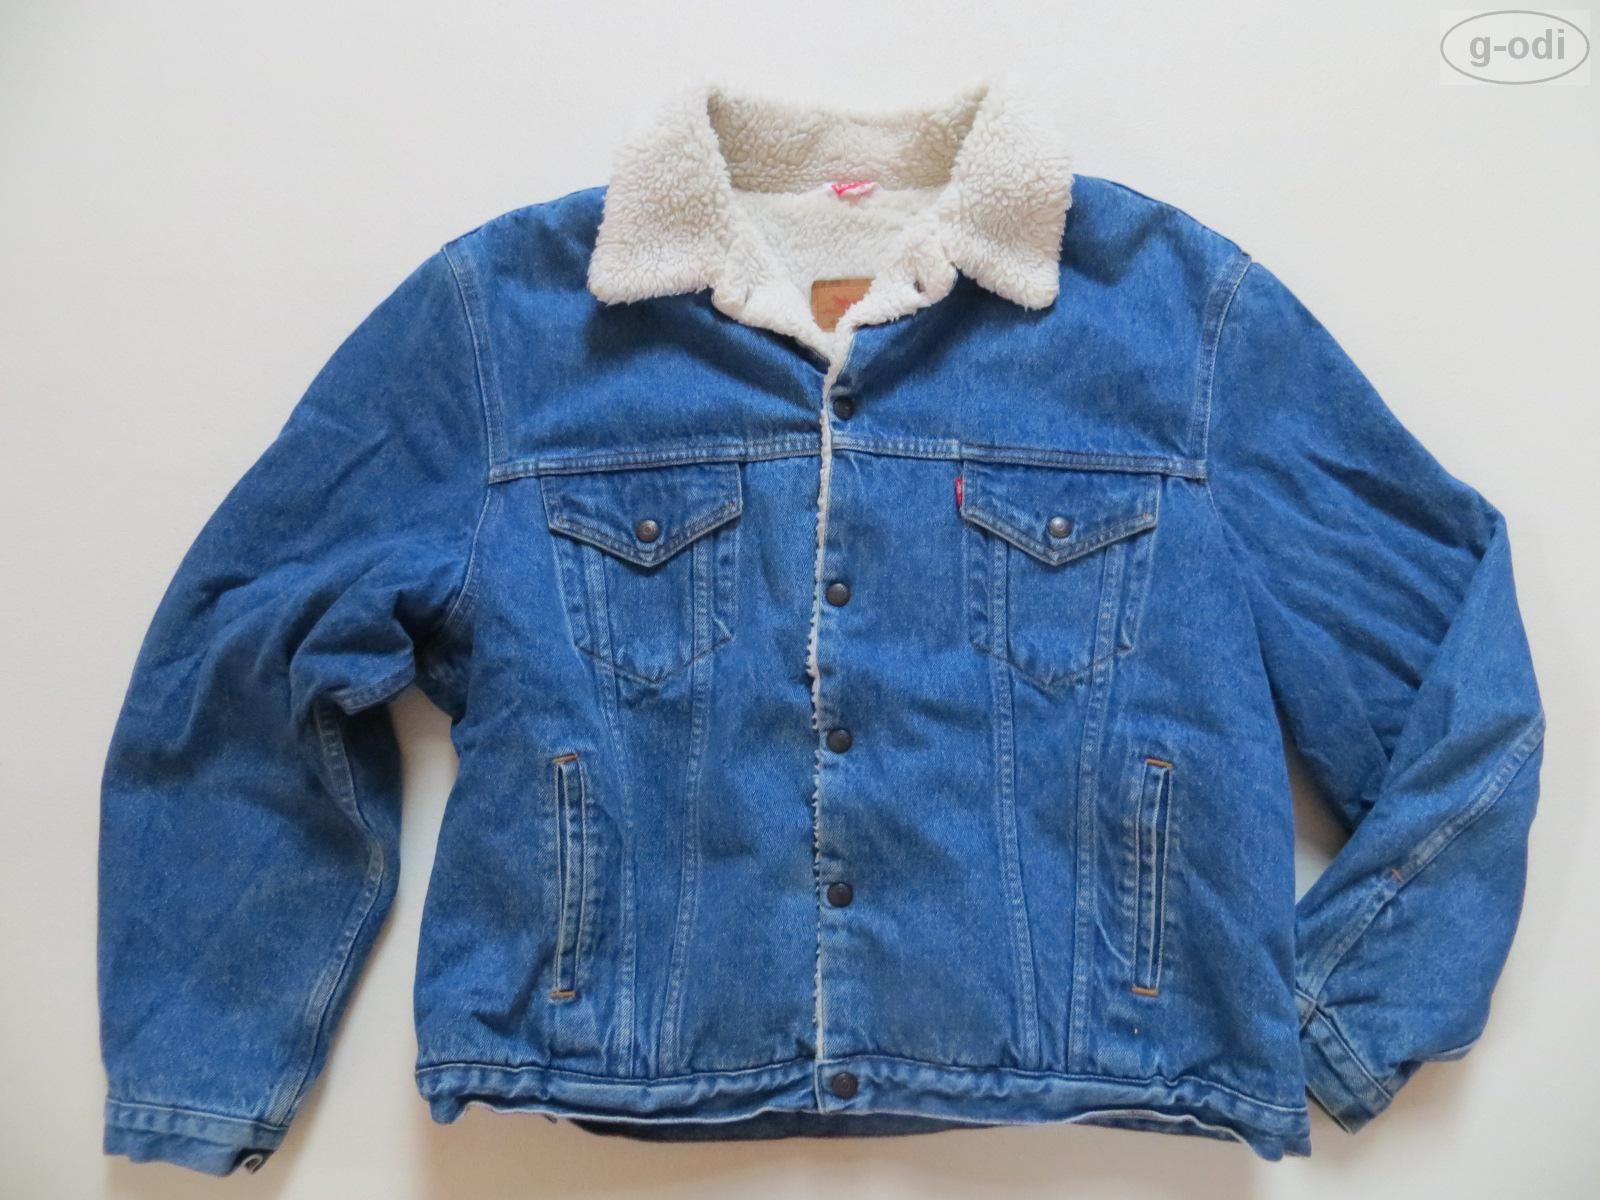 Jeans jacke ebay